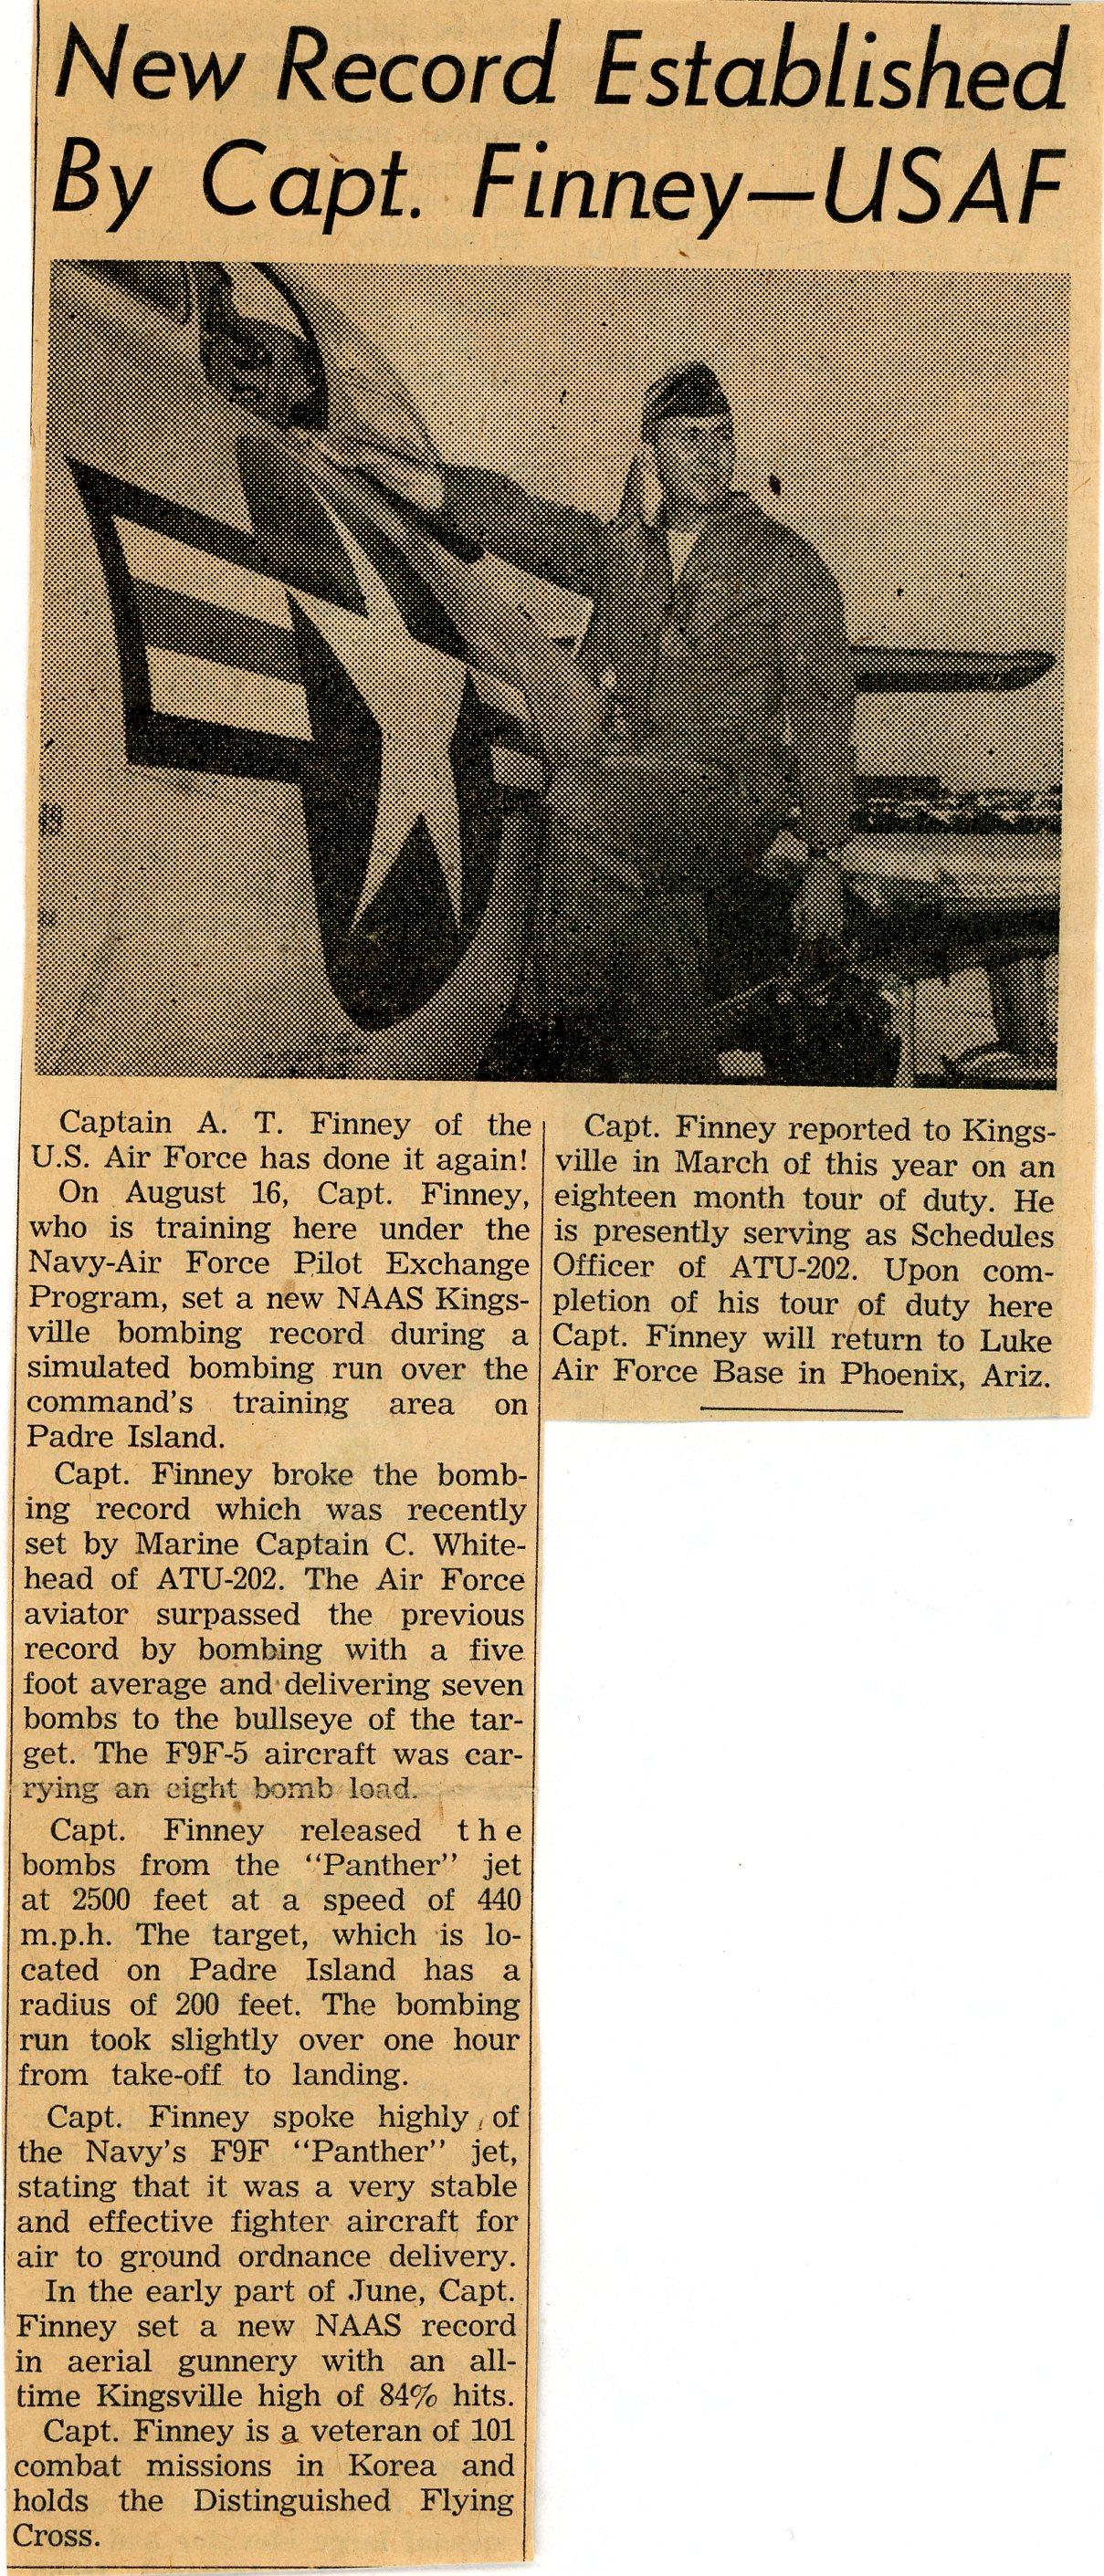 Published in the Flying K, Kingsville, TX September 4, 1956